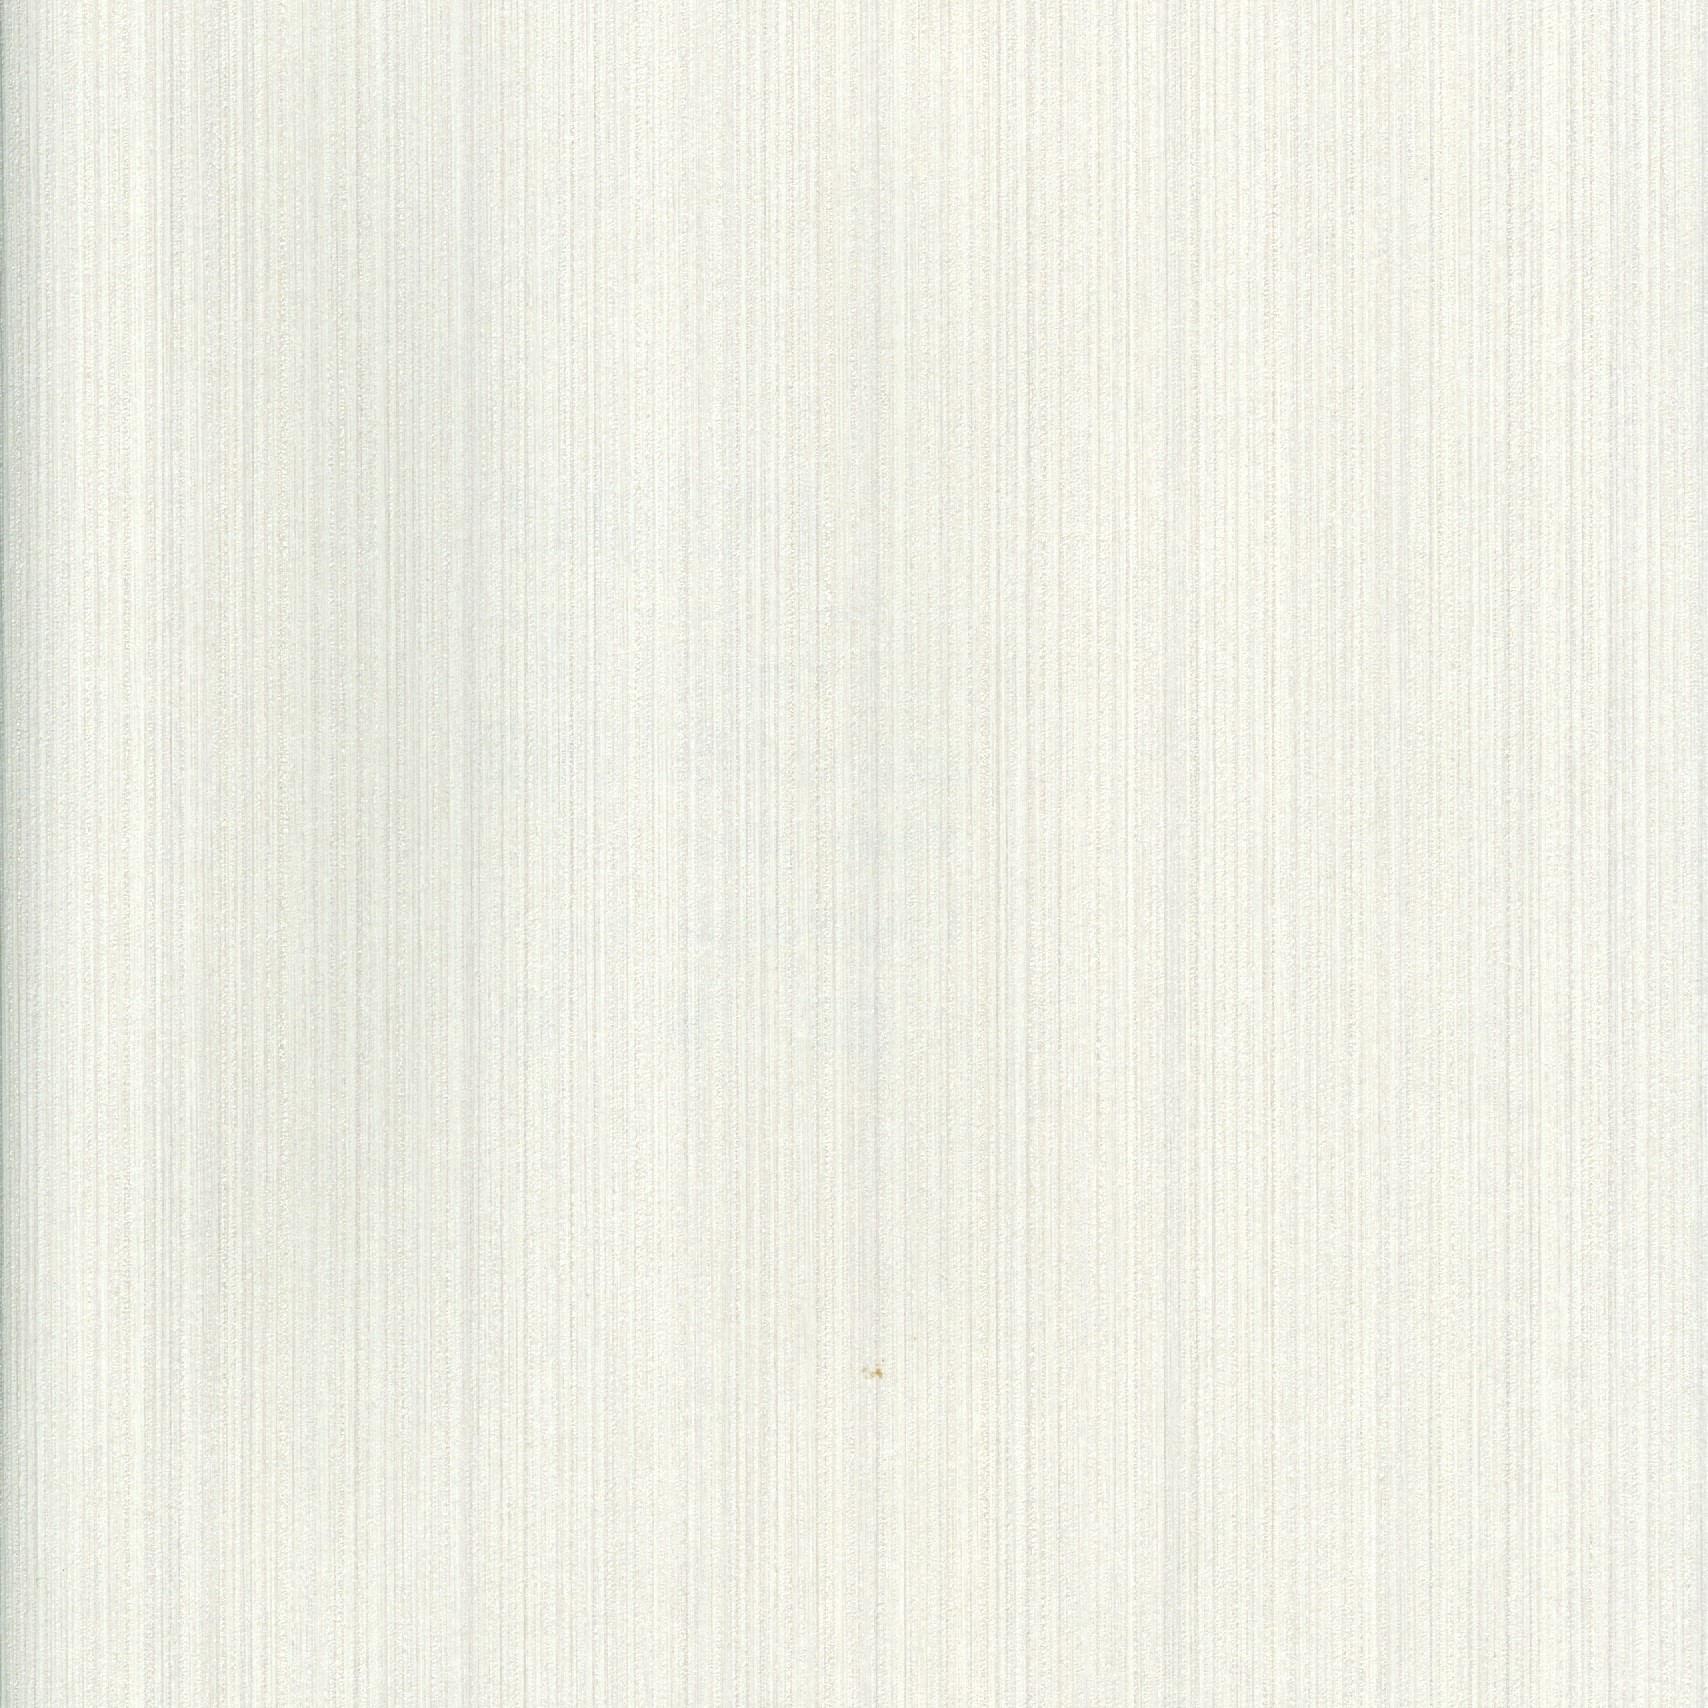 Papel de Parede Pure 2 Liso 187002 - Rolo: 10m x 0,53m